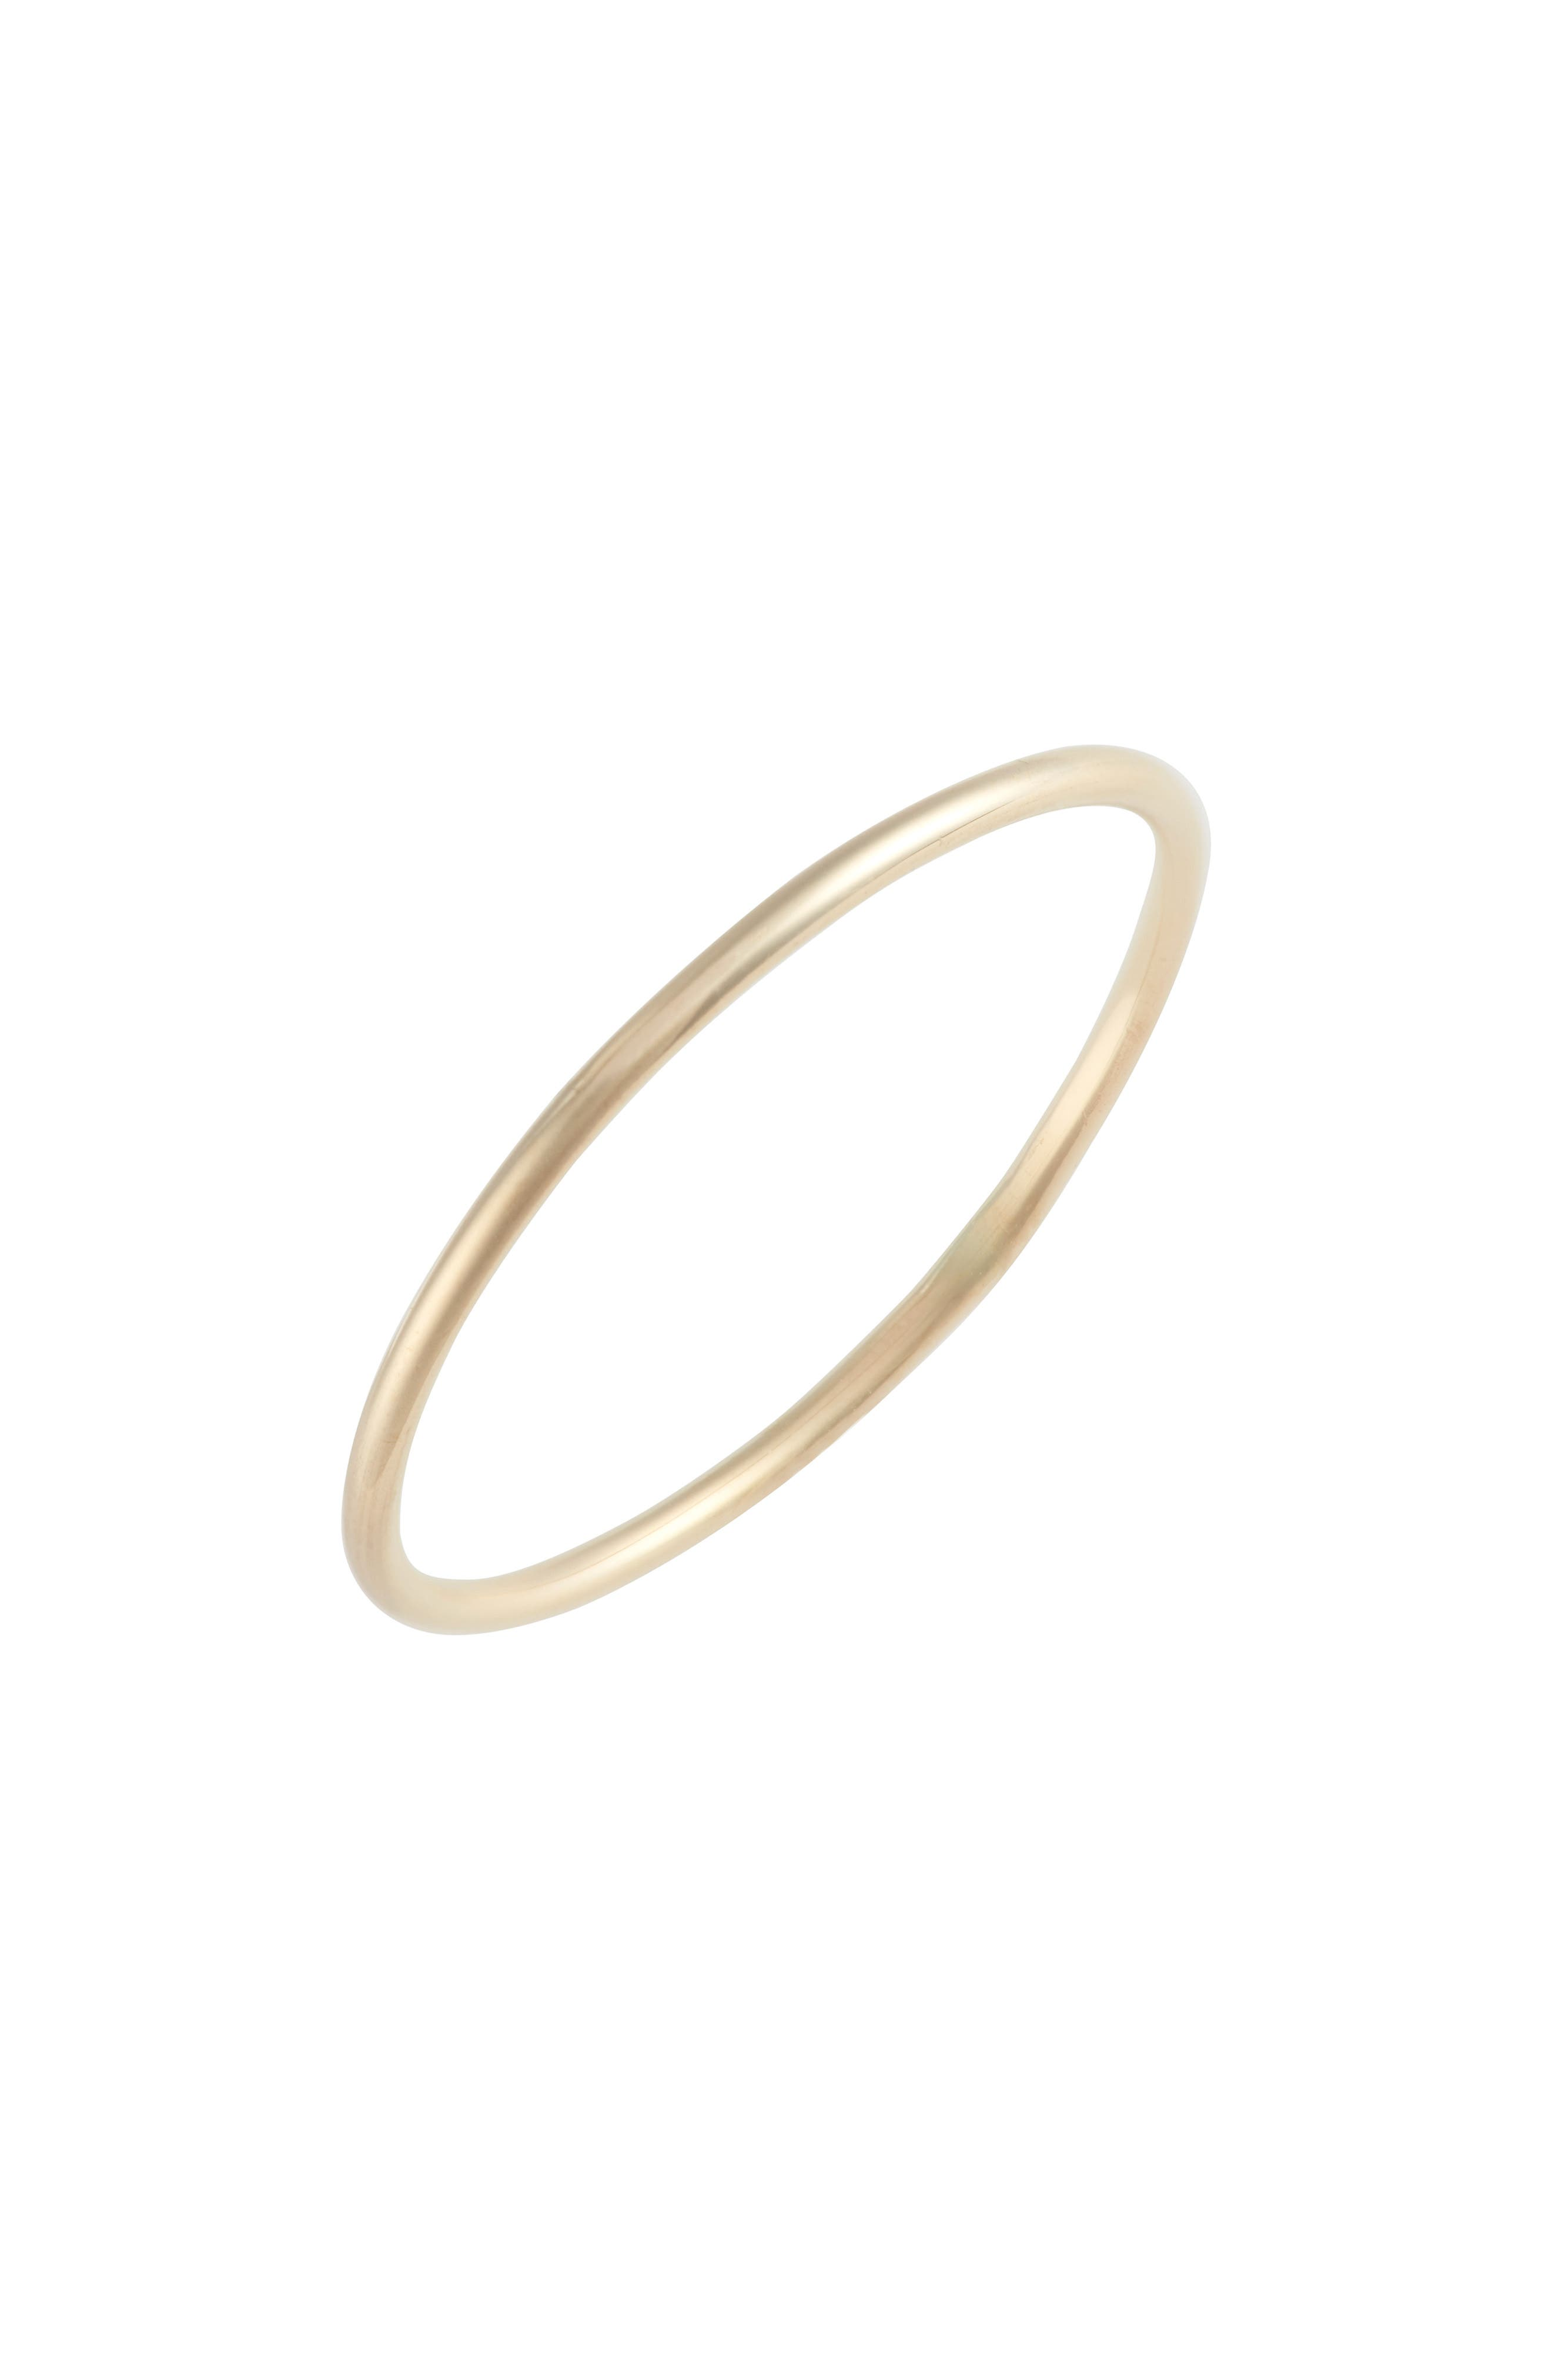 Skinny Gold Ring,                             Main thumbnail 1, color,                             710